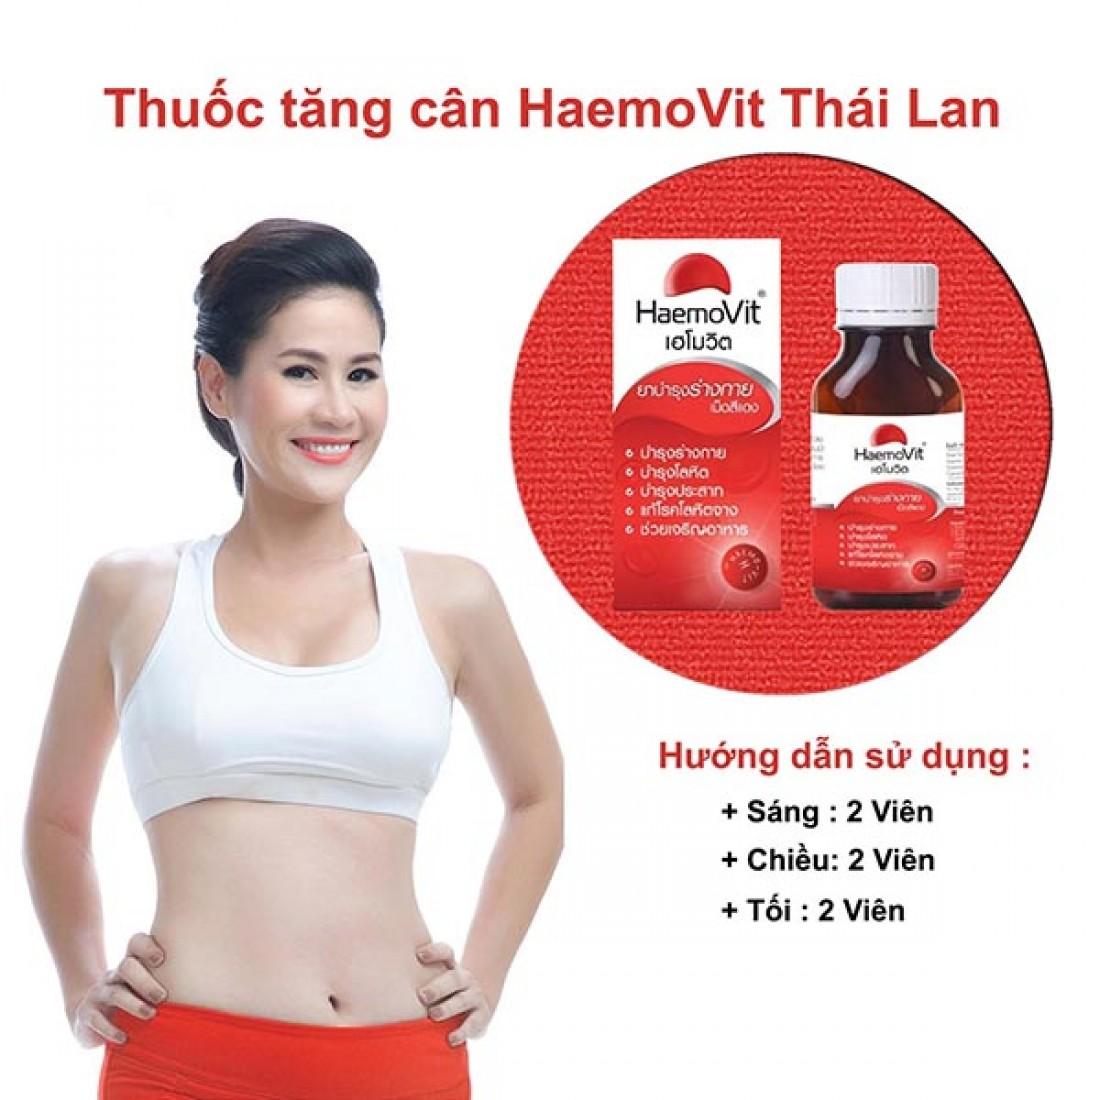 body-vien-uong-tang-can-haemovit-thai-lan-2469